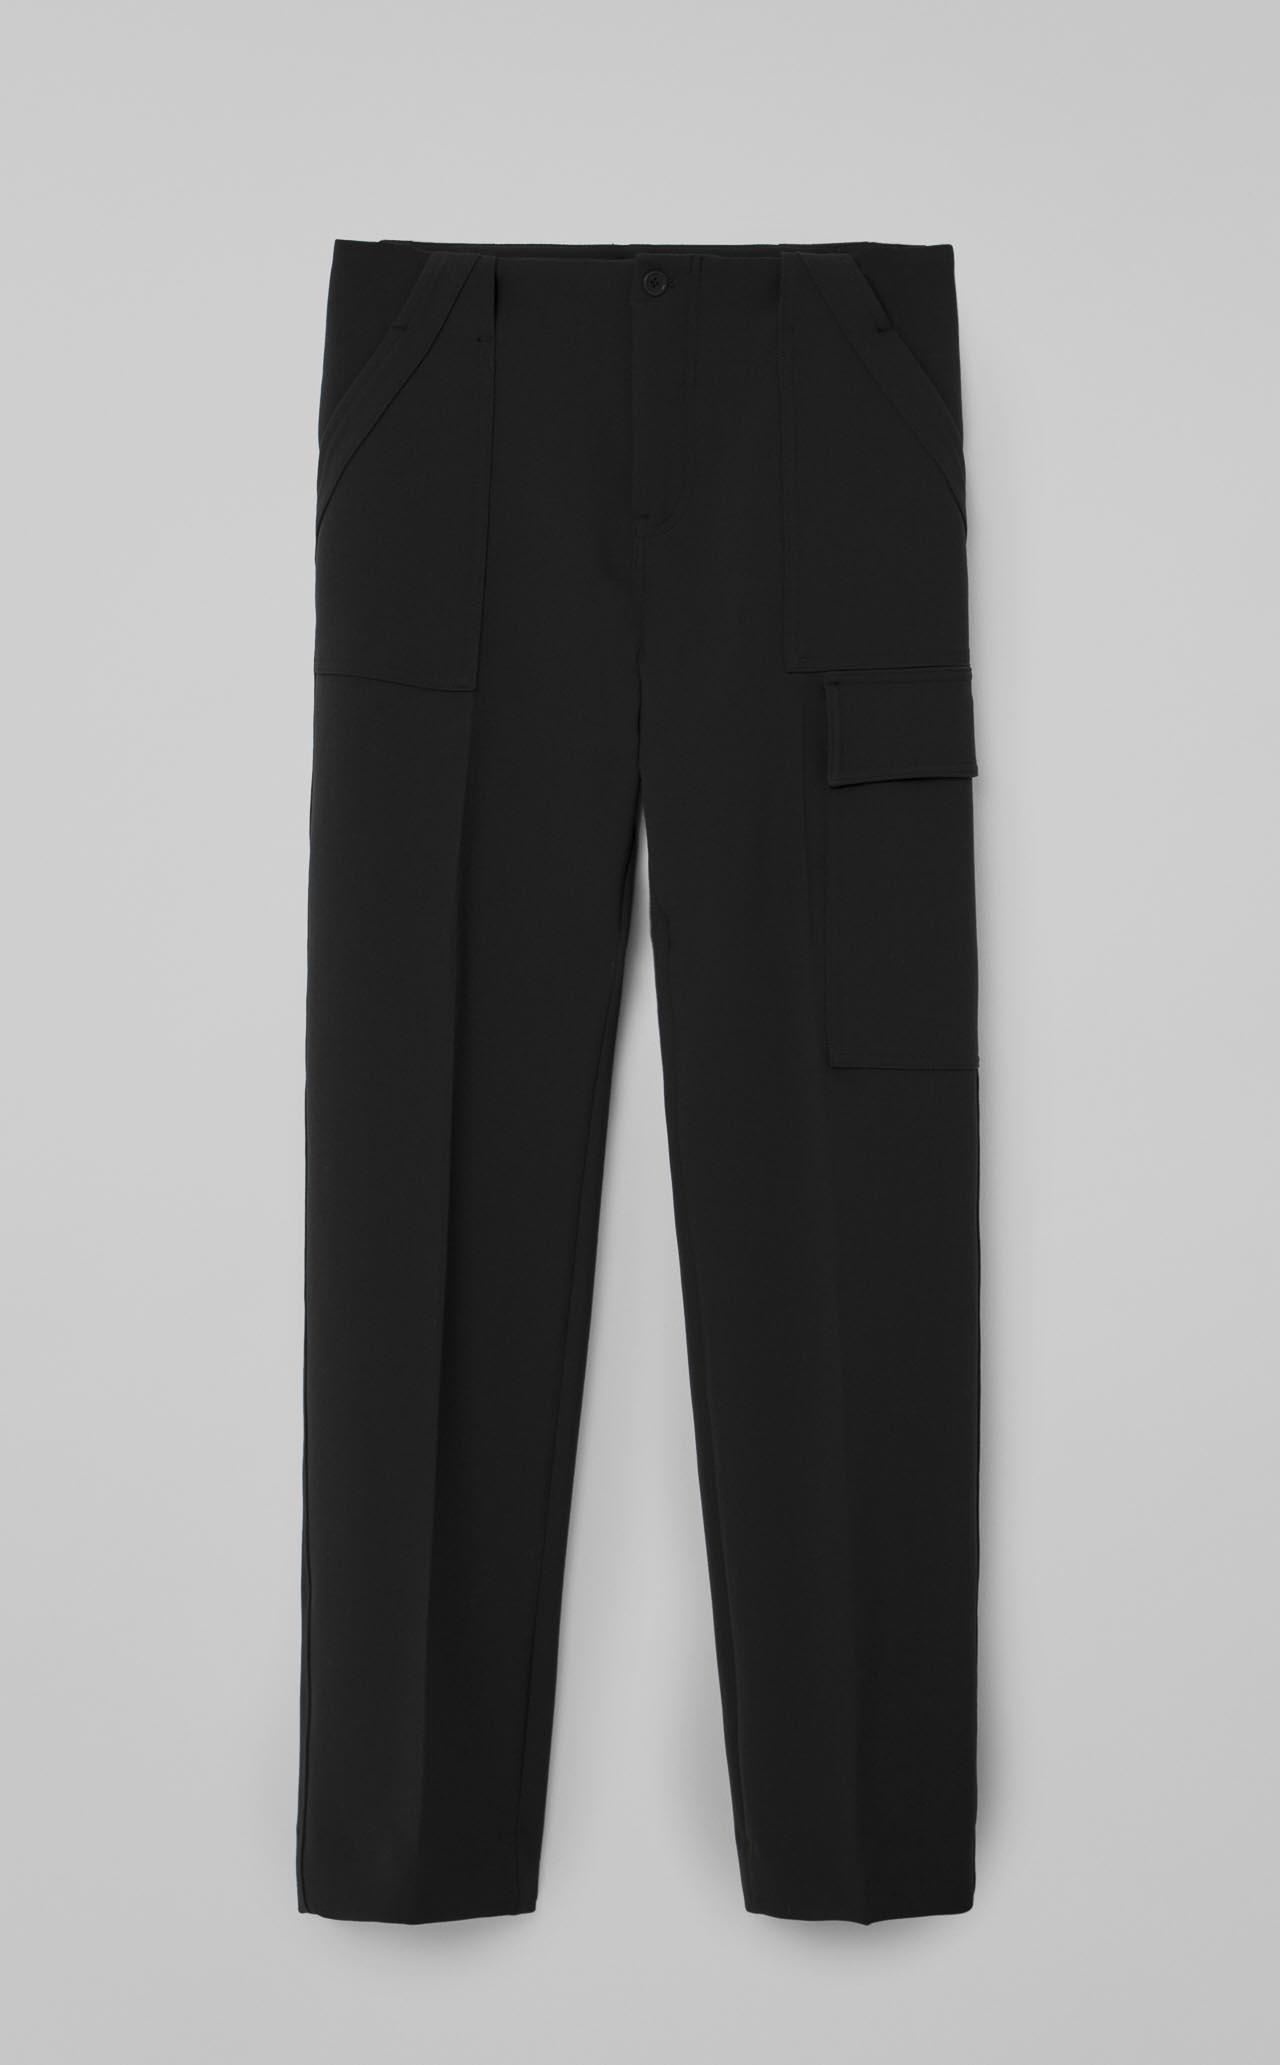 Pantalón Berri